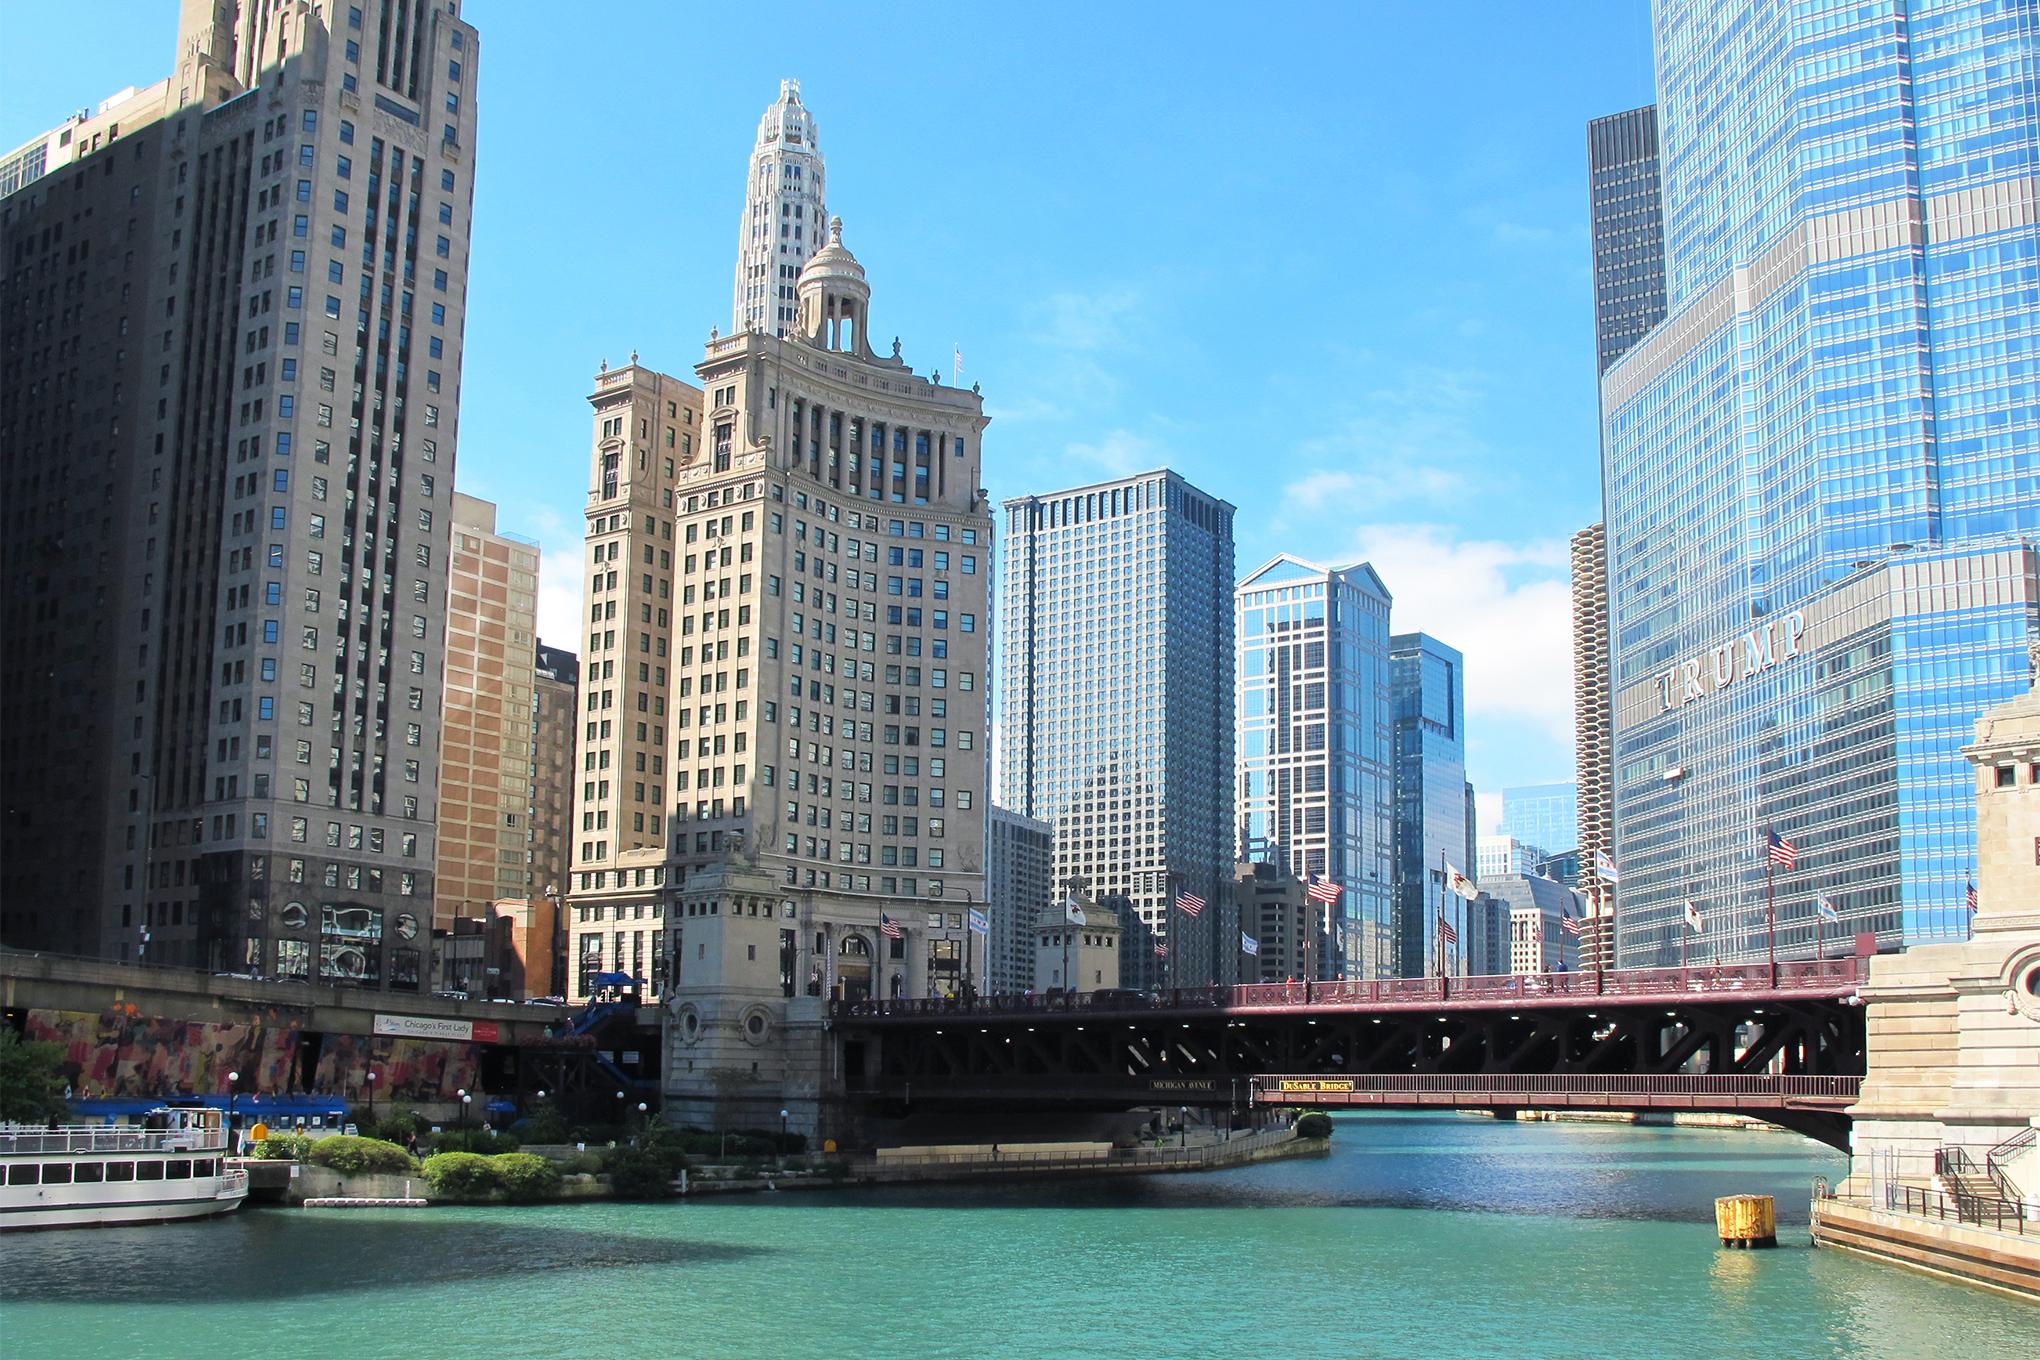 MoP_Chicago_03.JPG